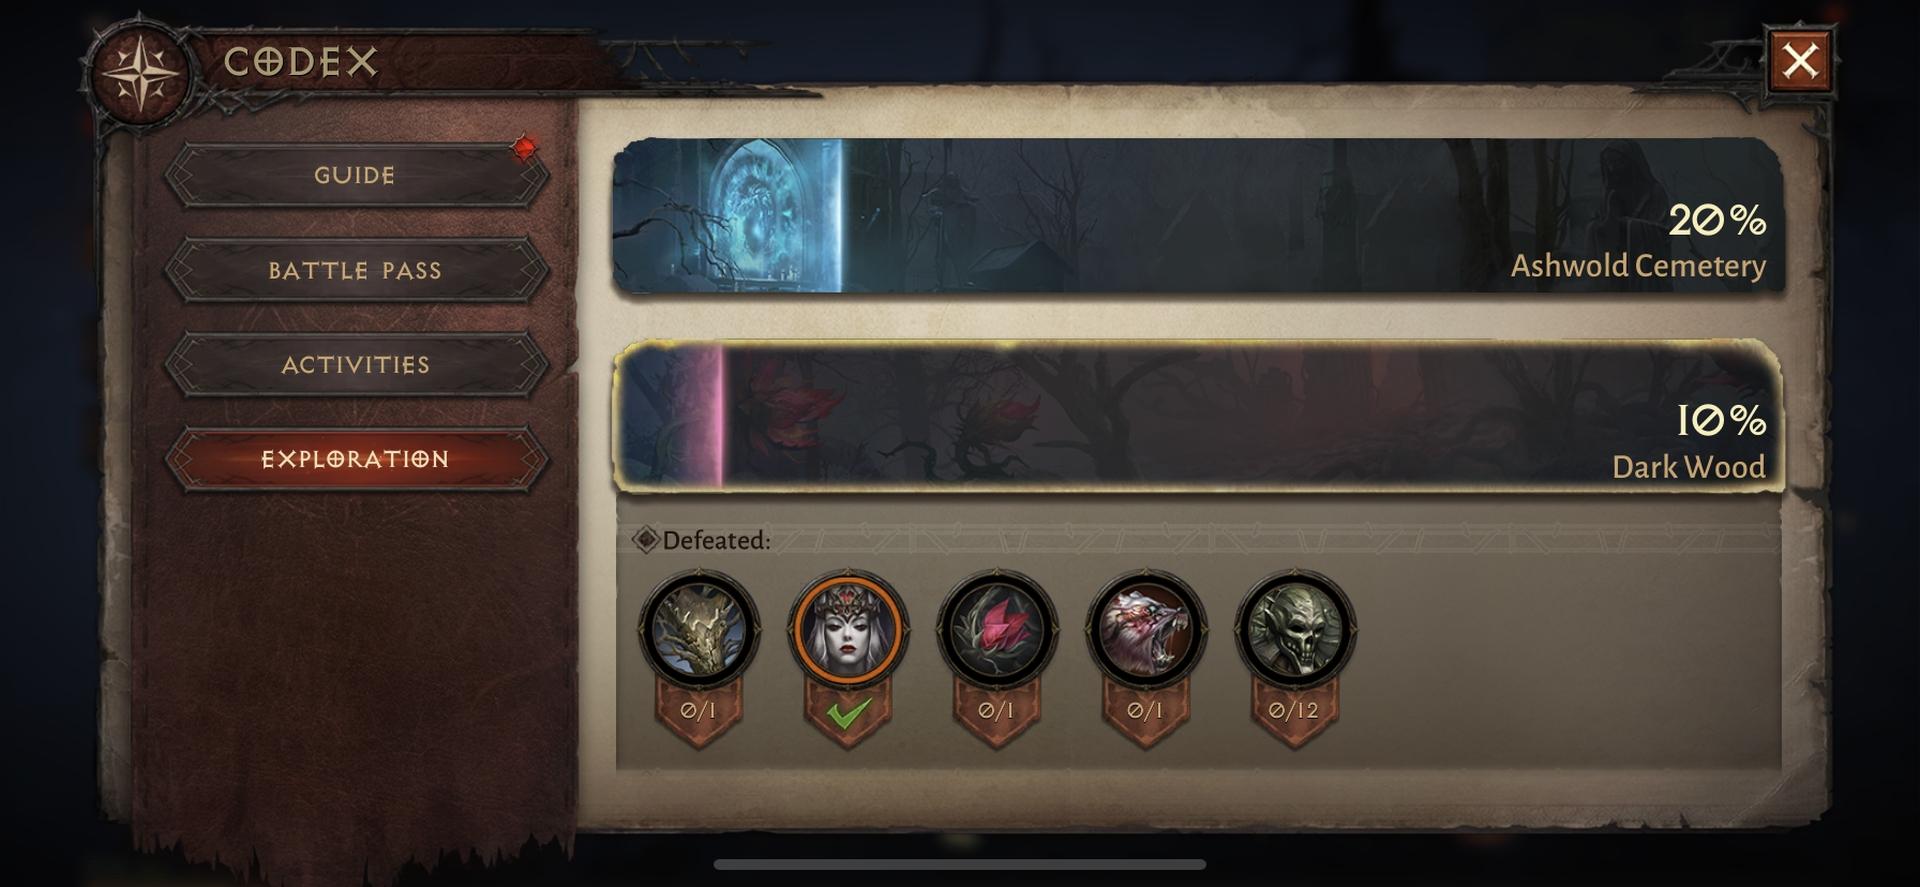 CODEX Diablo Immortal